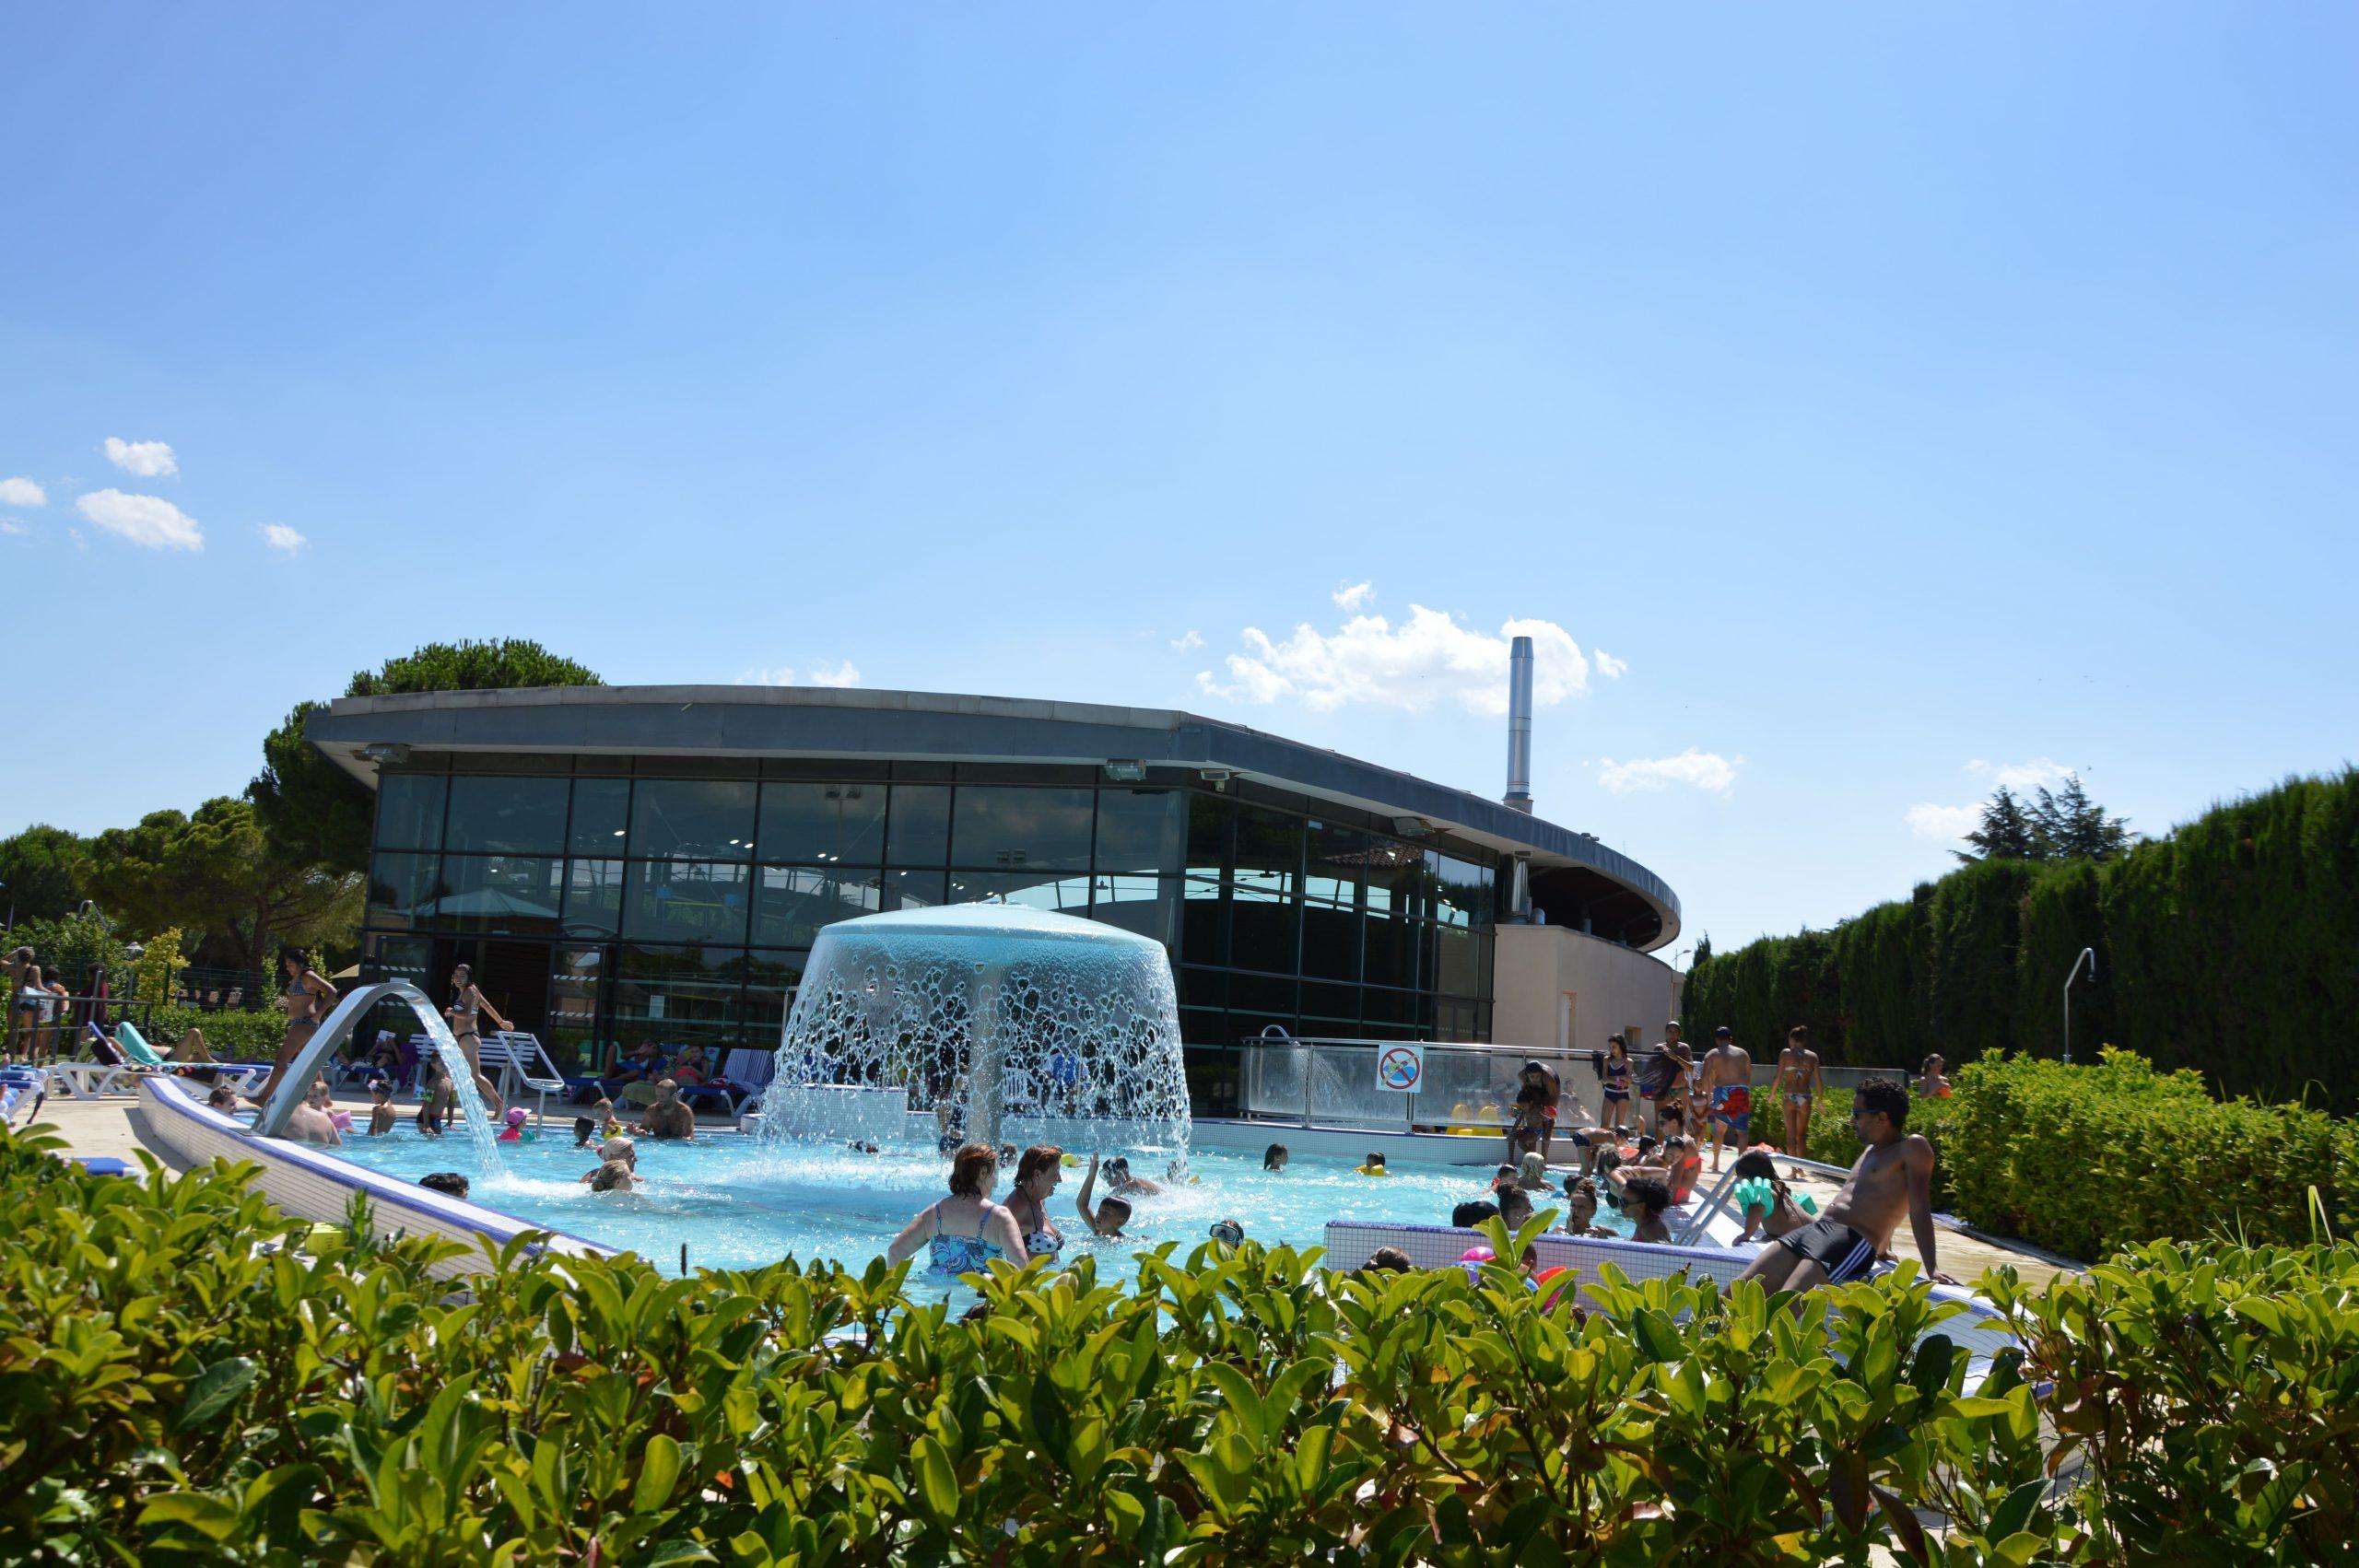 Piscines | Communauté D'agglomération Béziers Méditerranée concernant Piscine Servian